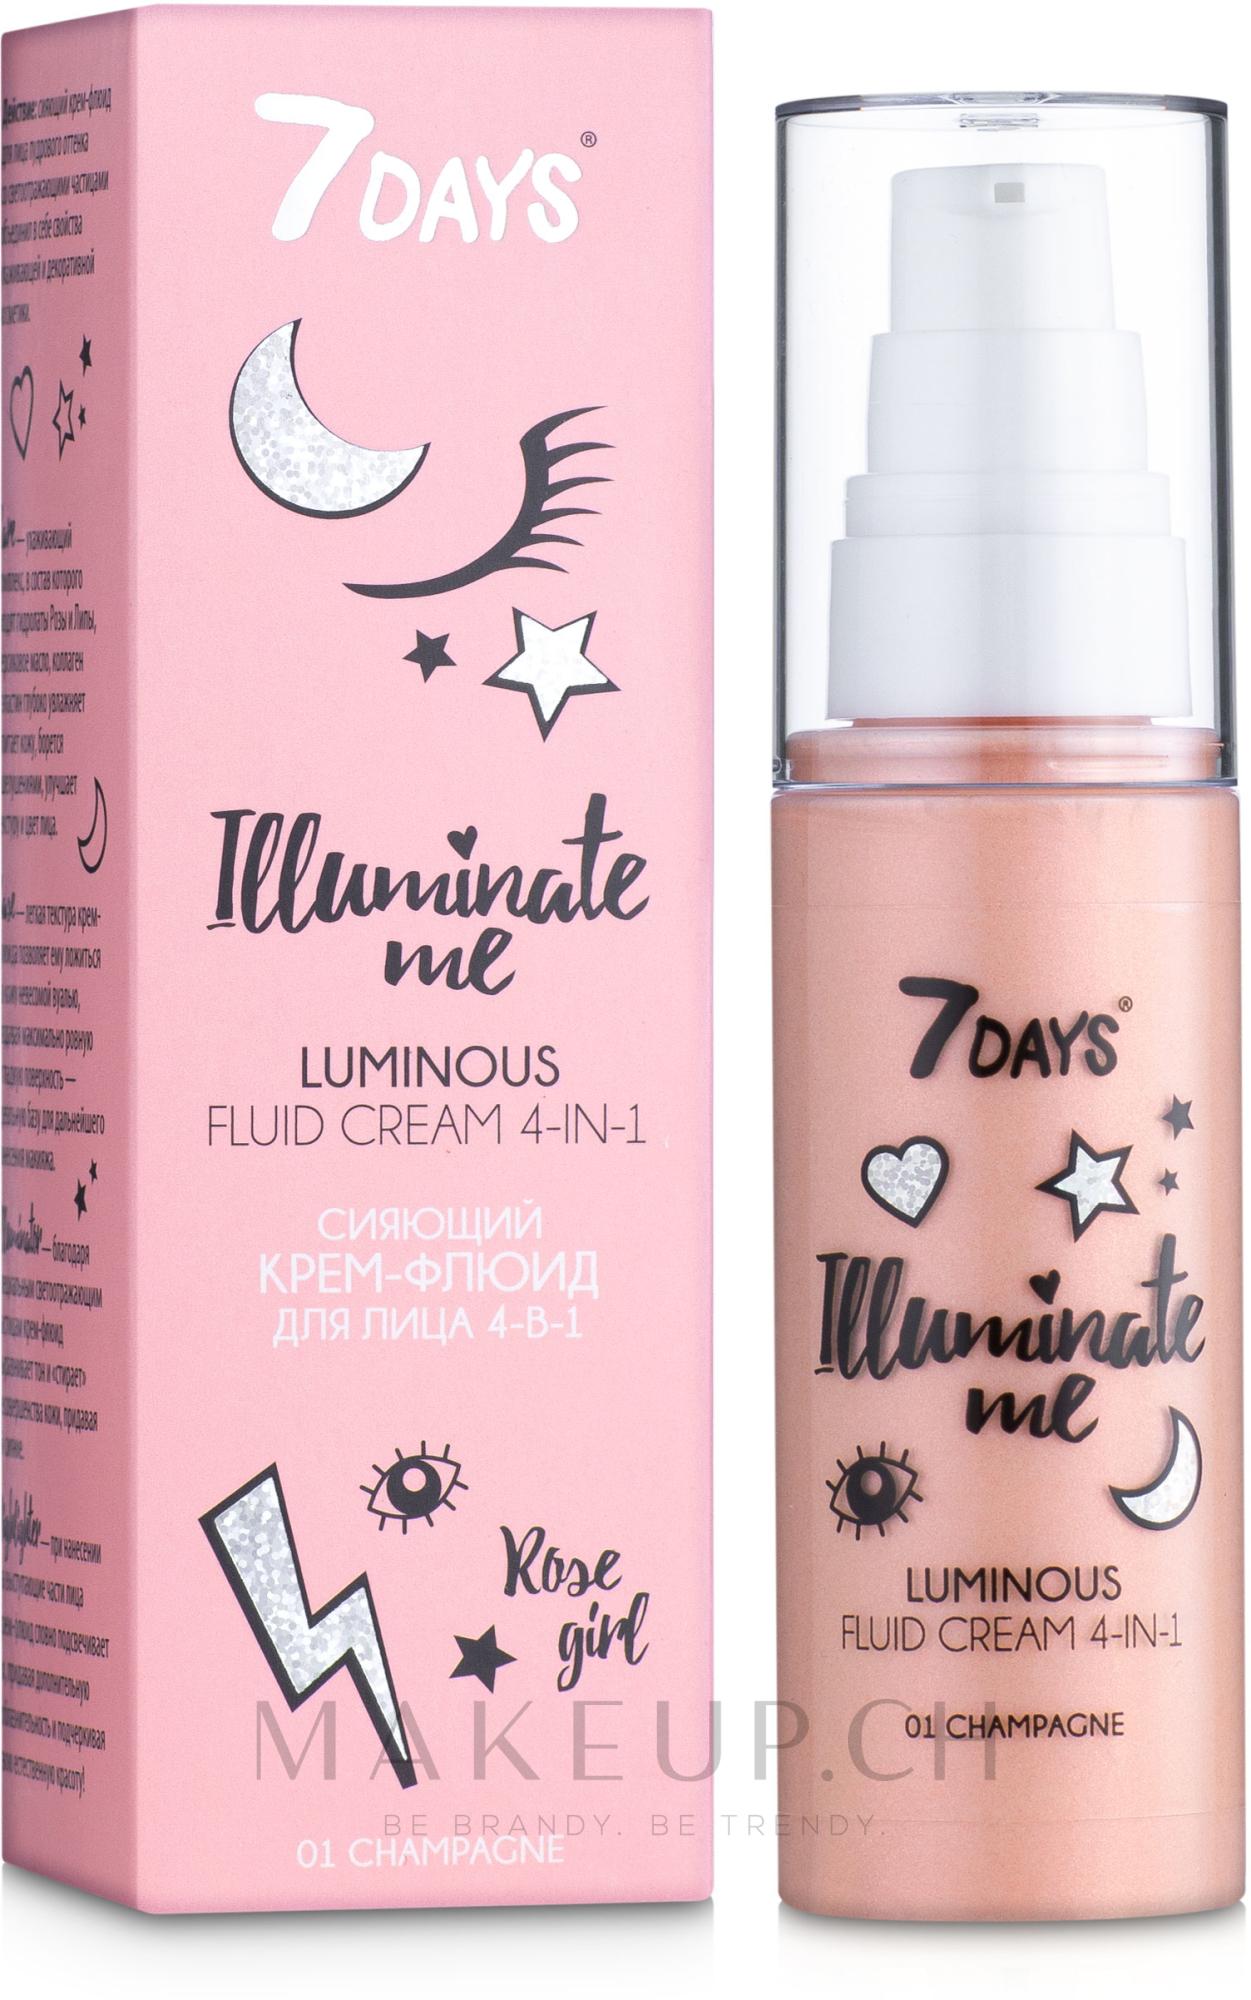 4in1 Gesichtscreme-Fluid für strahlende Haut - 7 Days Illuminate Me Luminous Fluid Cream 4in1 — Bild 01 - Champagne